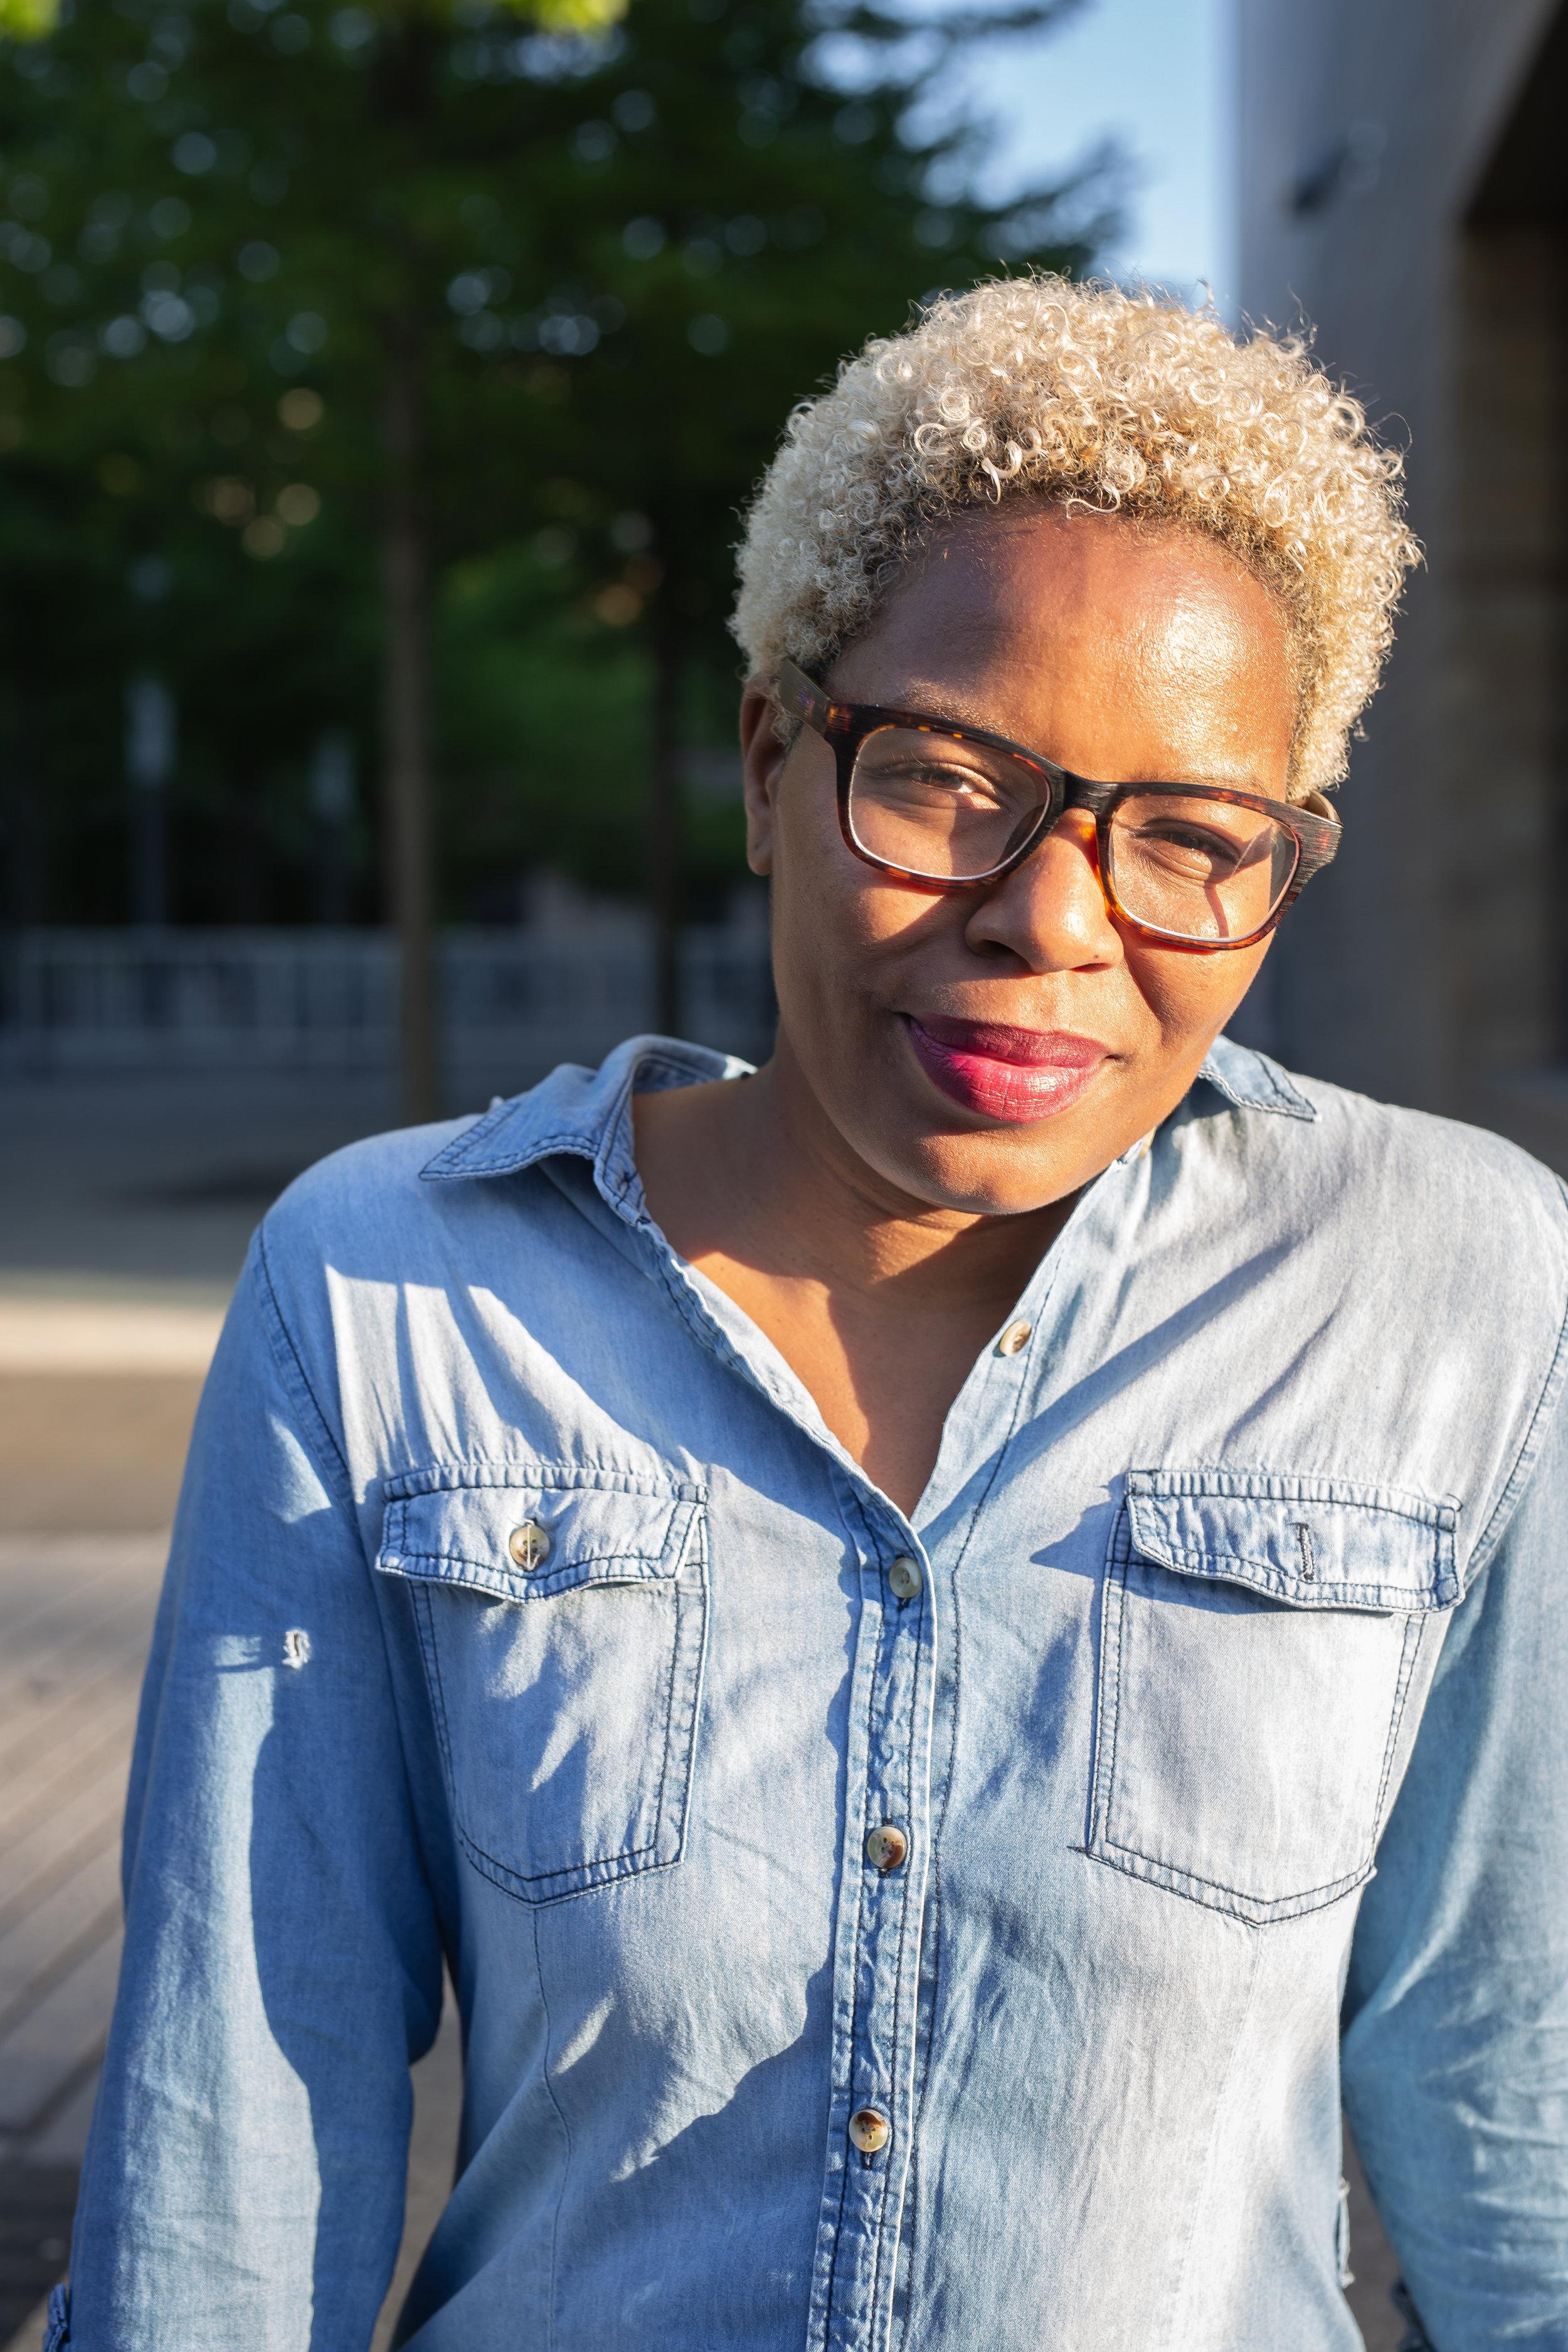 Photo by Jazmine Harris (MFA'19).